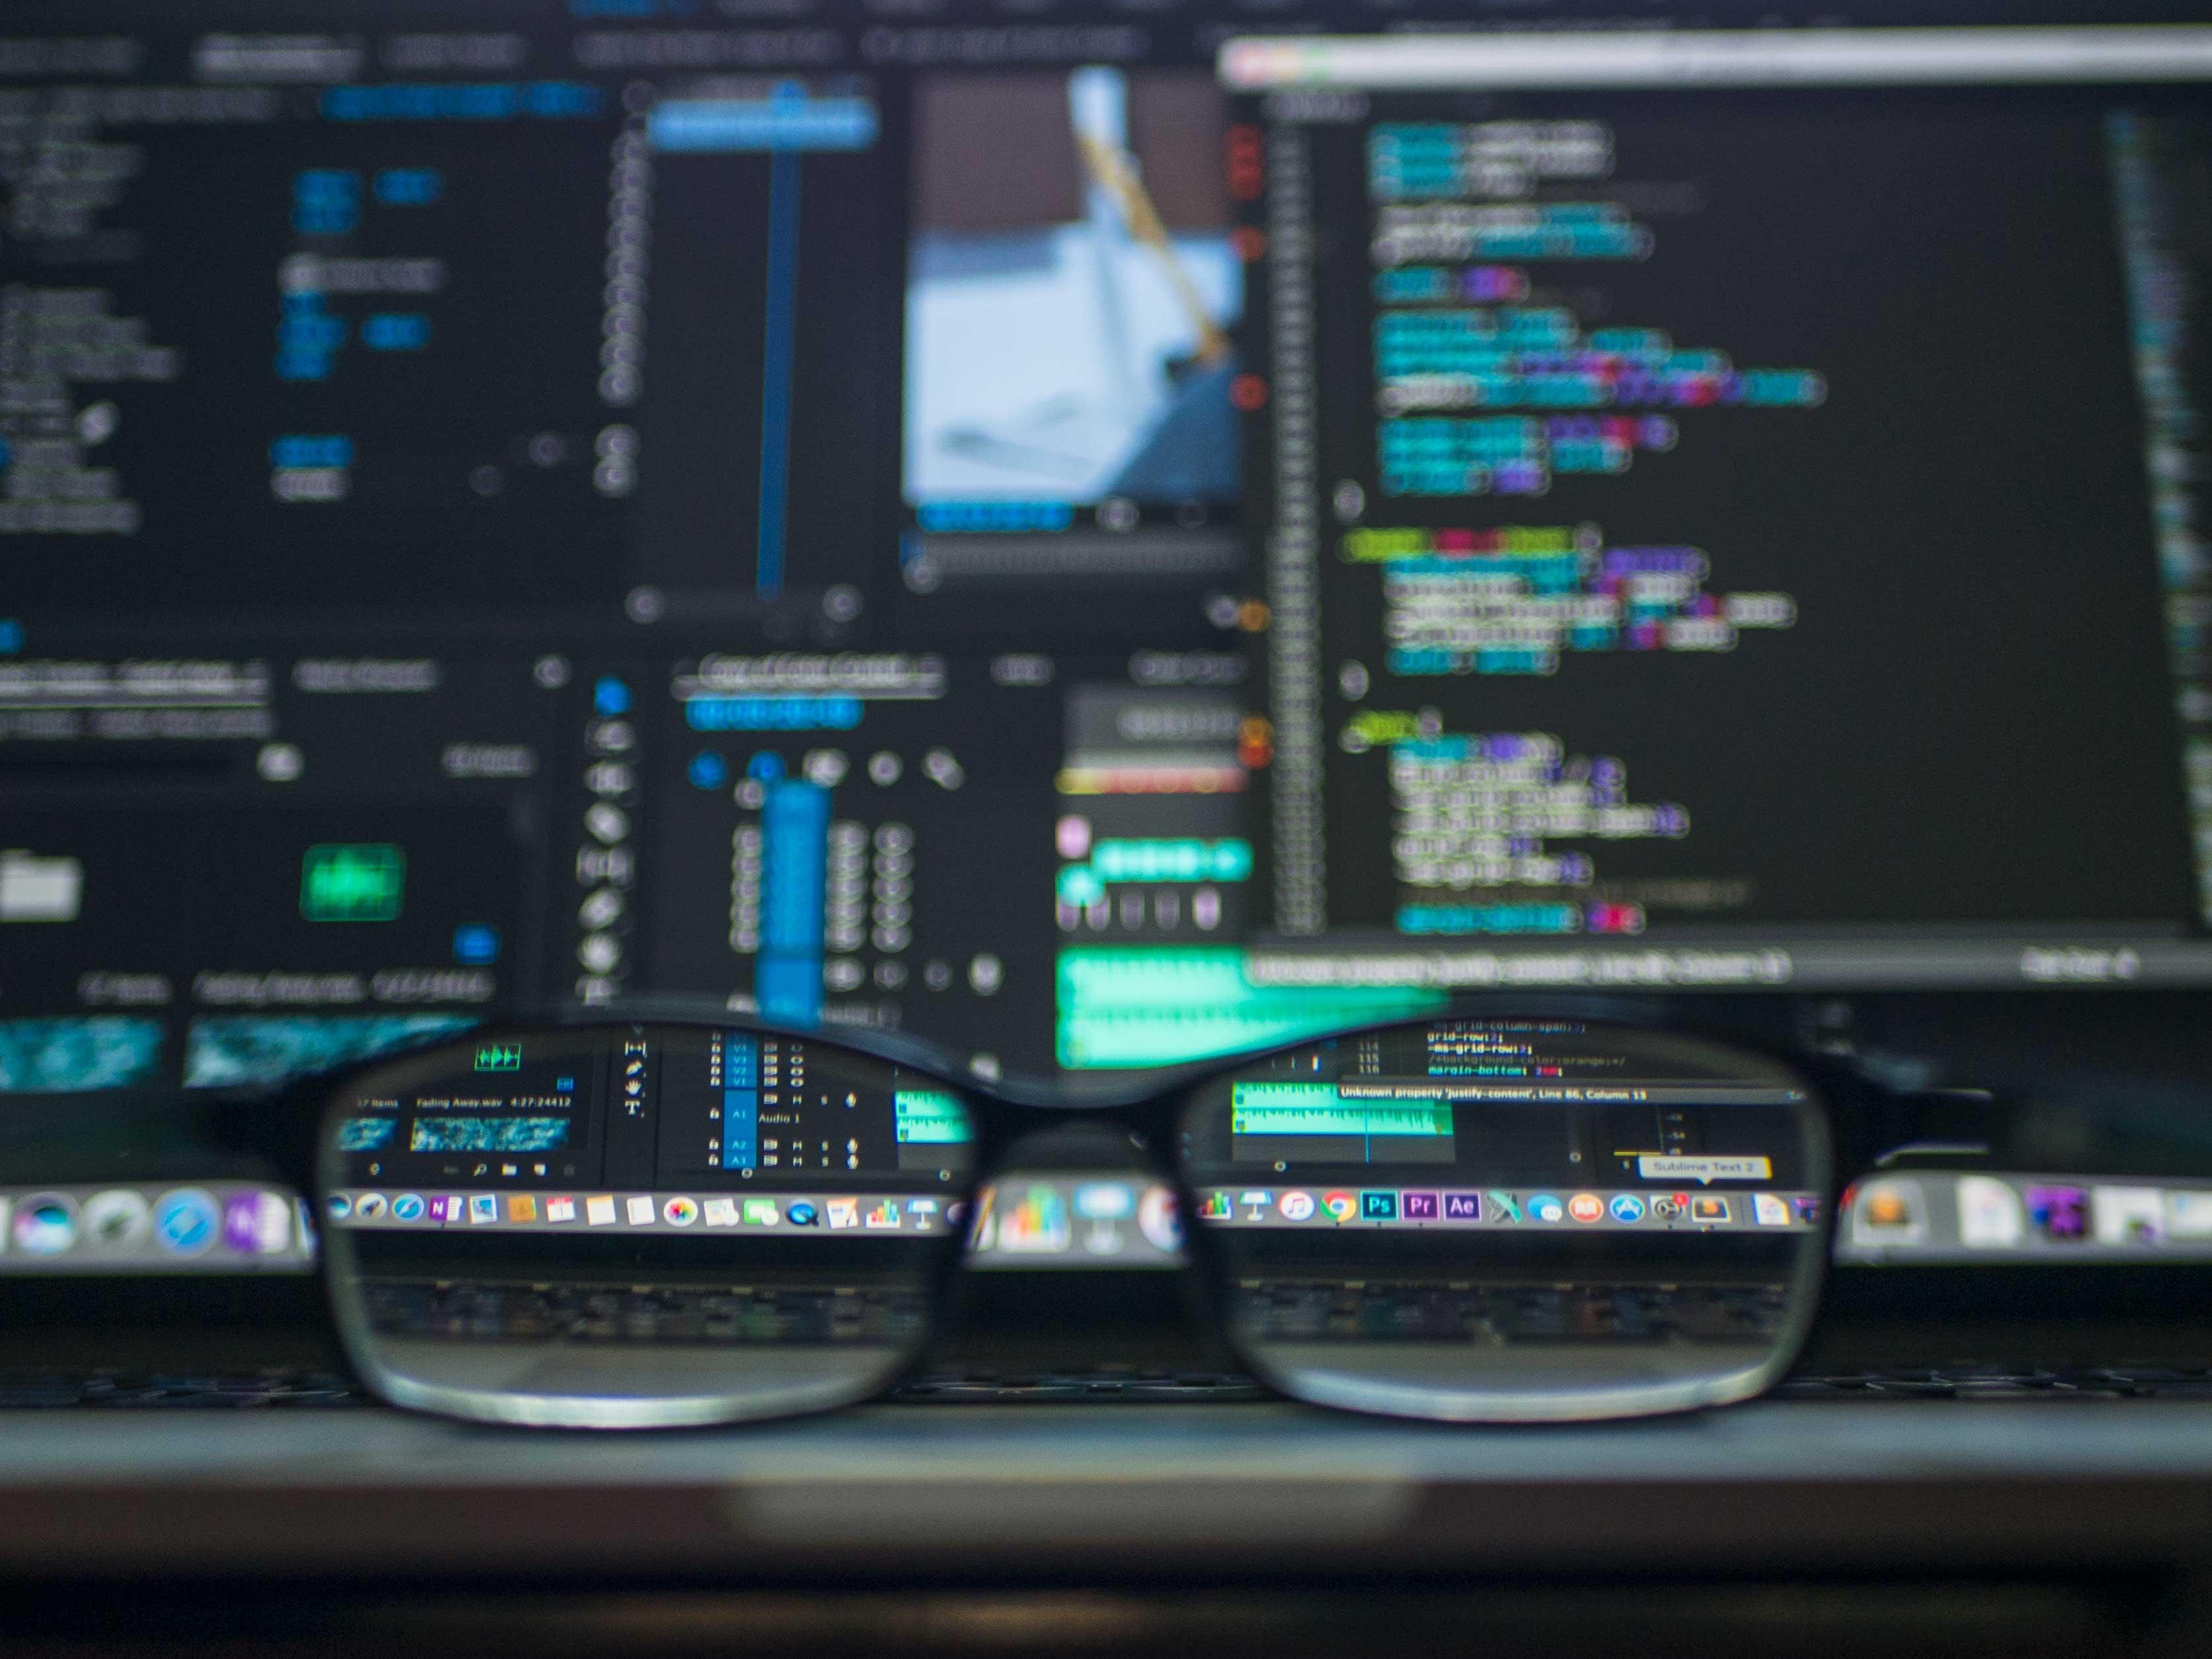 Datateknik och datavetenskap